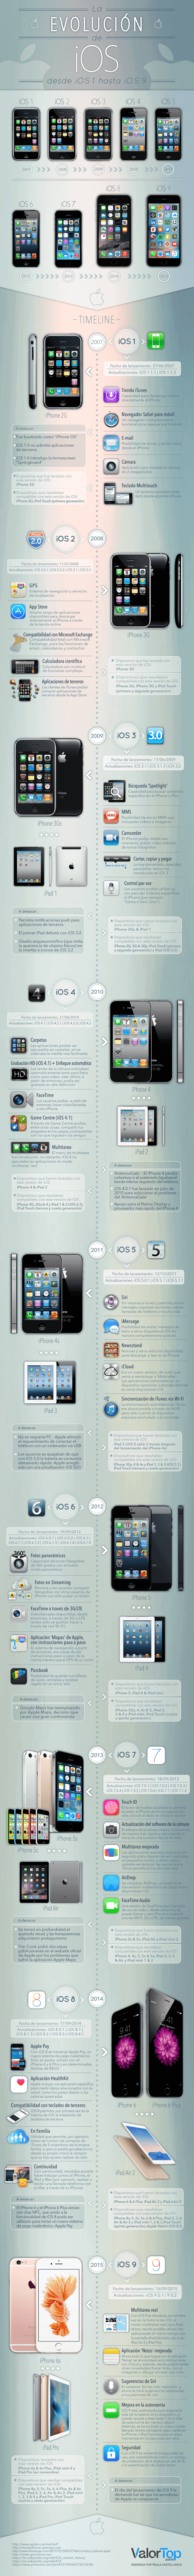 La-Evolución-de-iOS